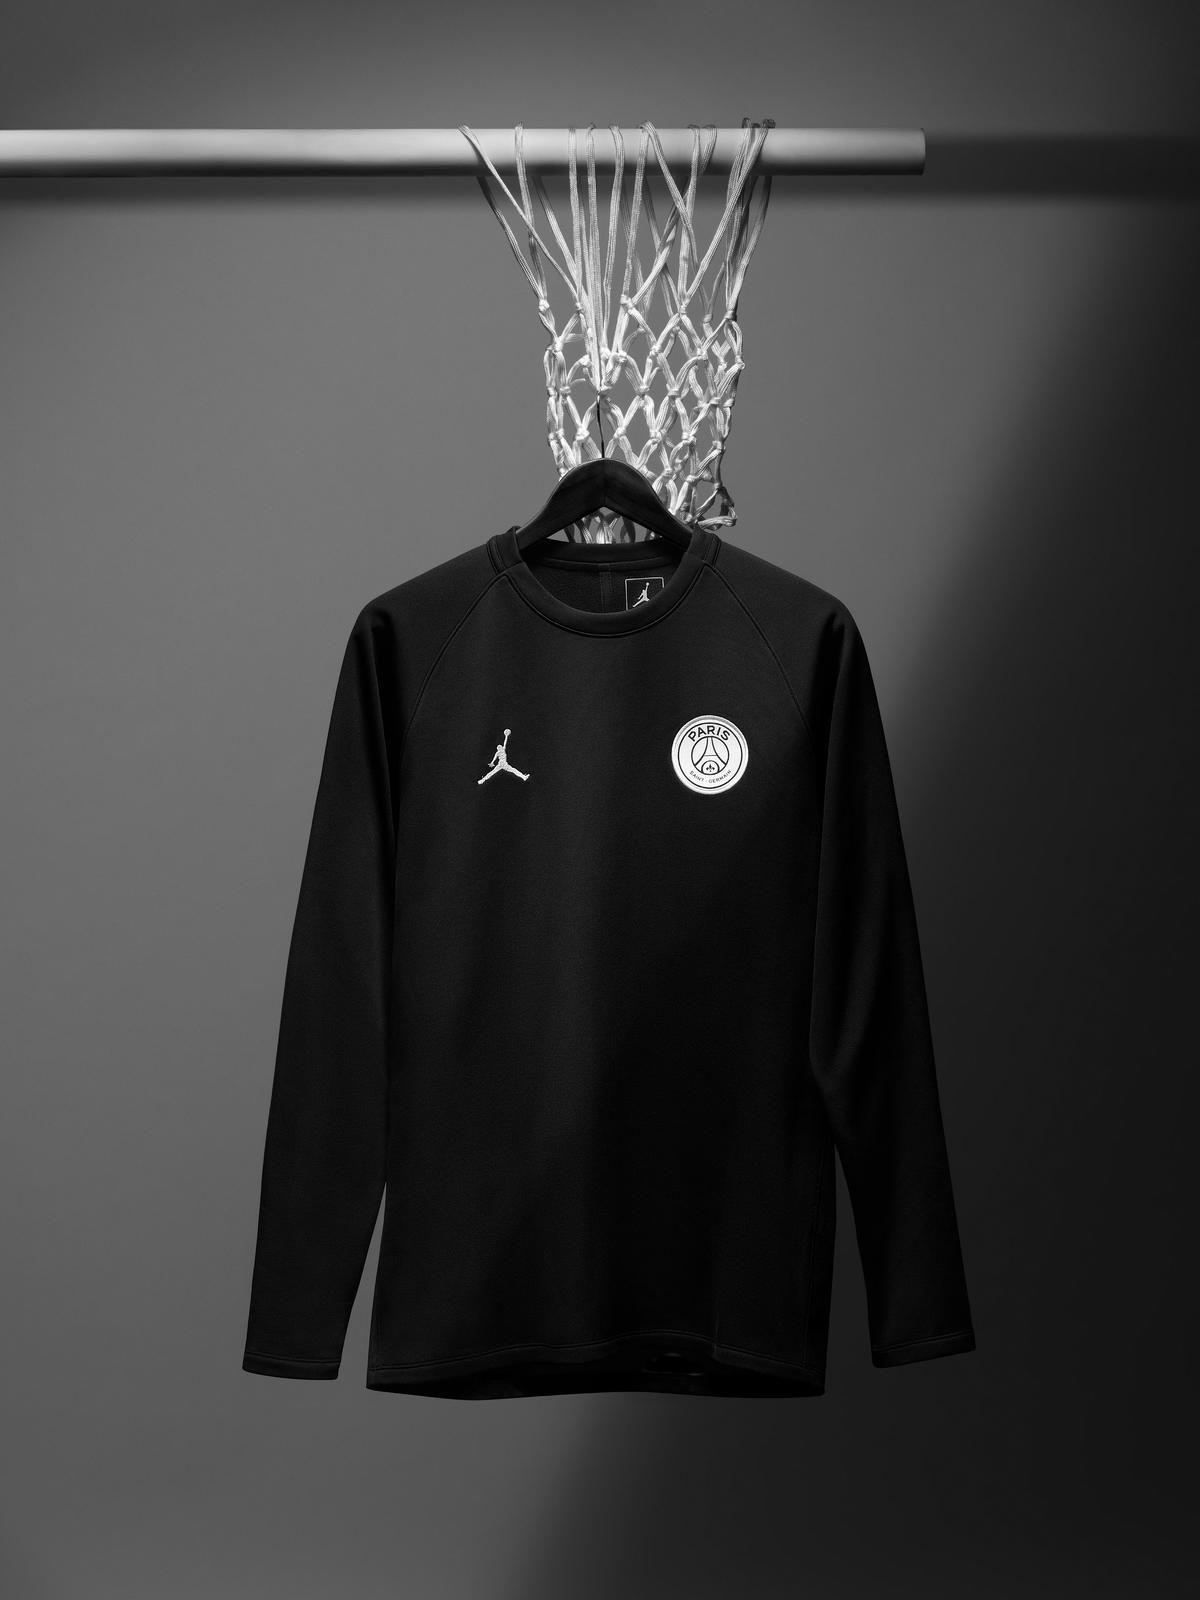 Jordan Brand x PSG  la primera colaboración del jumpman con un equipo de  fútbol  ad987e00e03